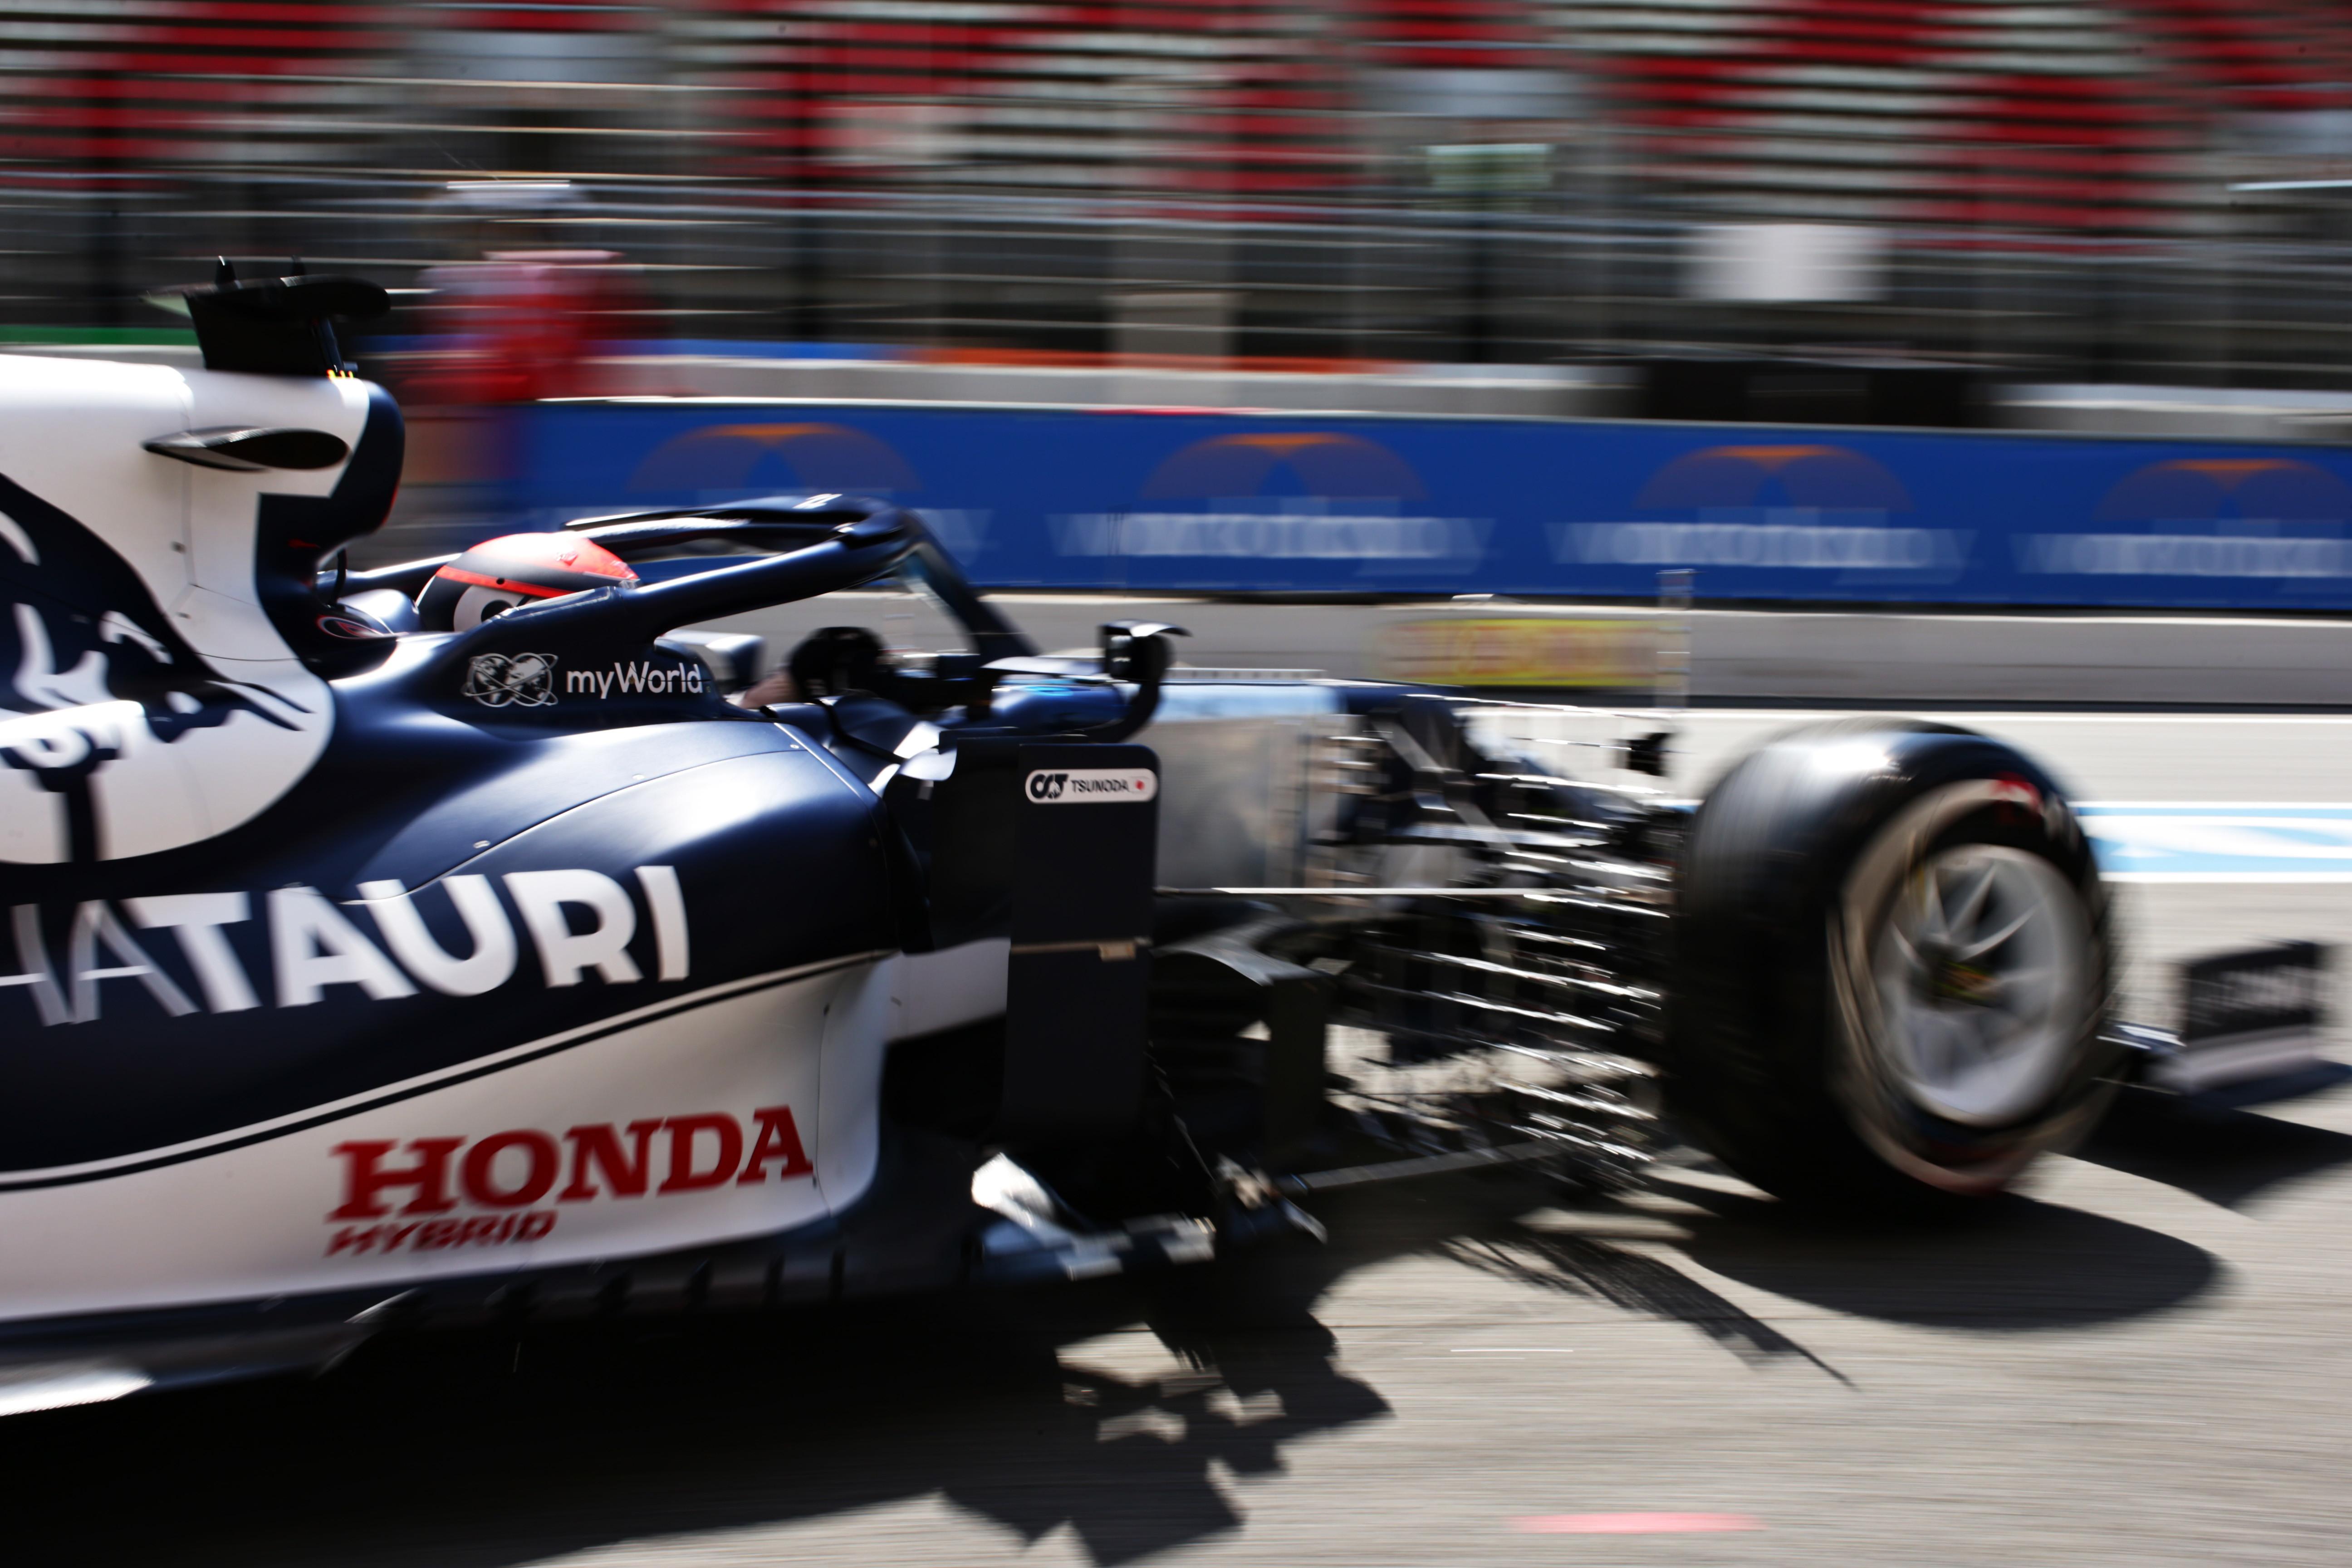 Dopo il GP di Portimao la F1 sbarca in Spagna, nel suggestivo circuito di Montmel&ograve; in Catalogna. Riuscir&agrave; Hamilton a conquistare a Barcellona la sua pole numero 100 in carriera?<br /><br />